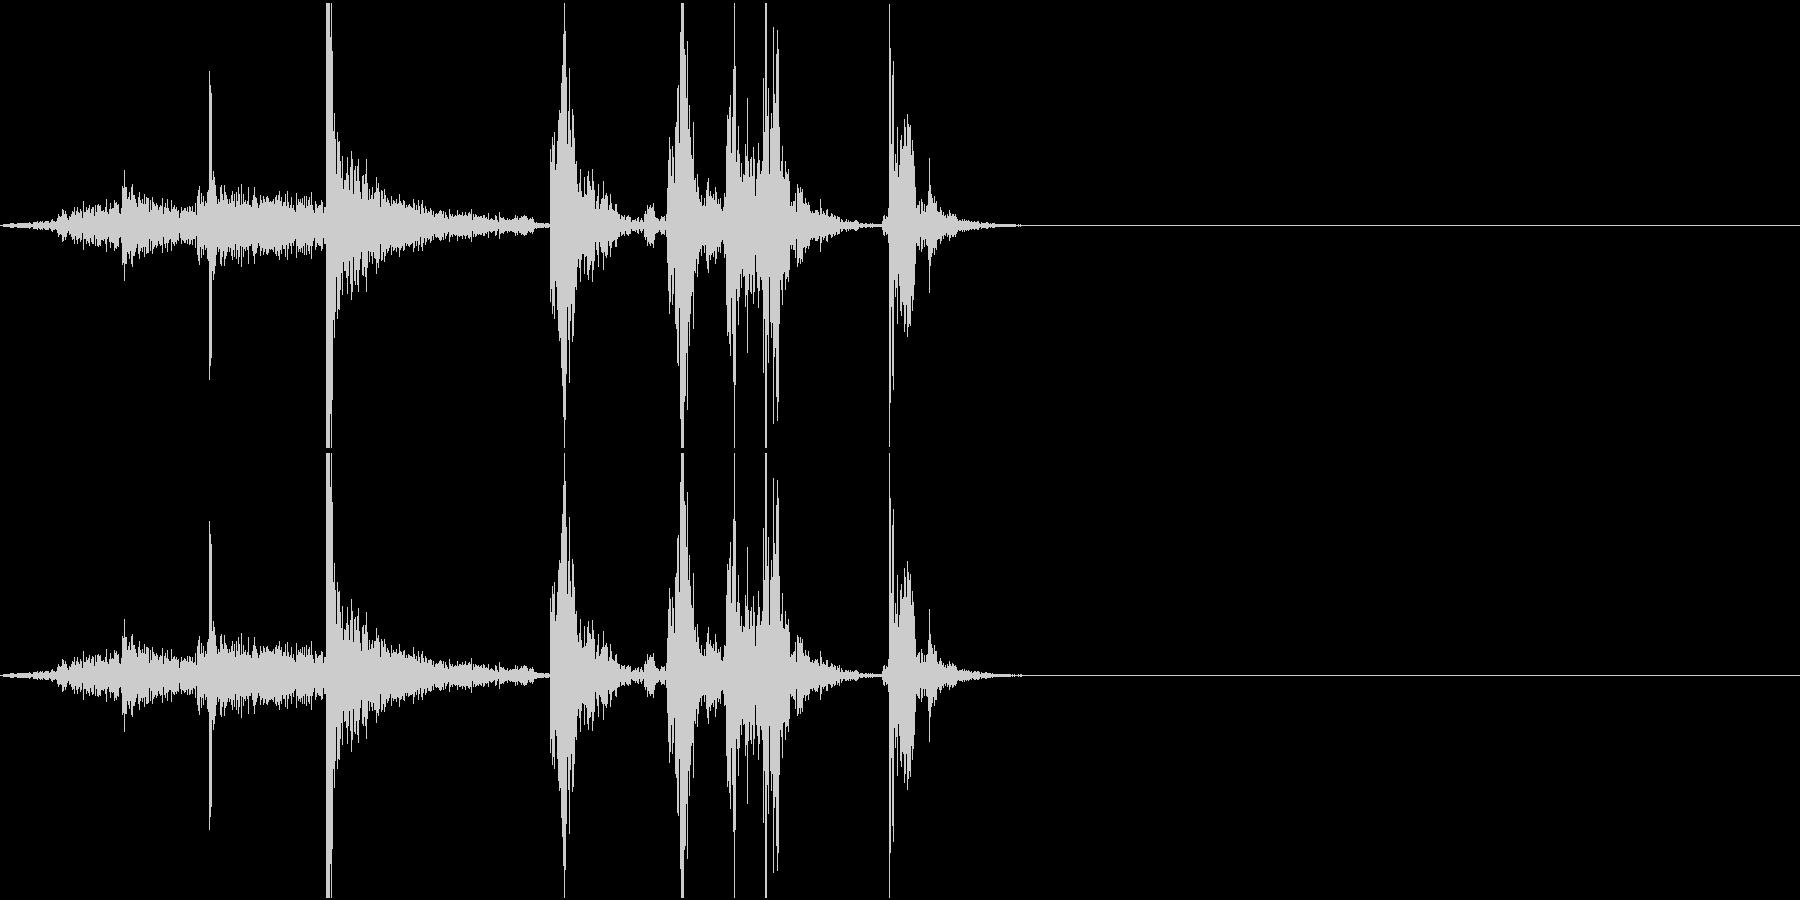 PaperNoise ページをめくる音の未再生の波形